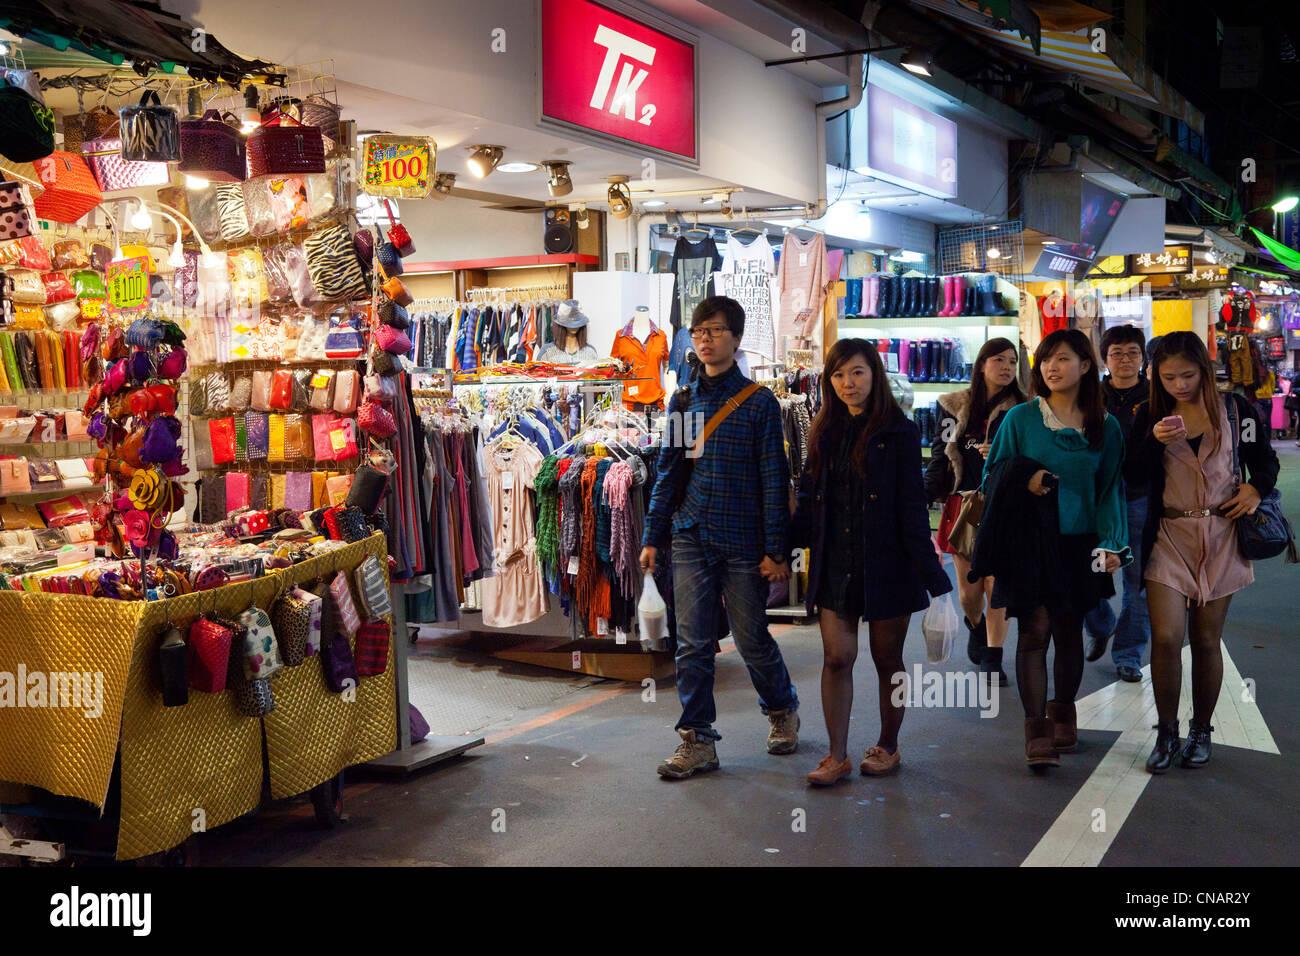 Gli amanti dello shopping e le bancarelle di Shilin Night Market Taipei Taiwan. JMH5997 Immagini Stock